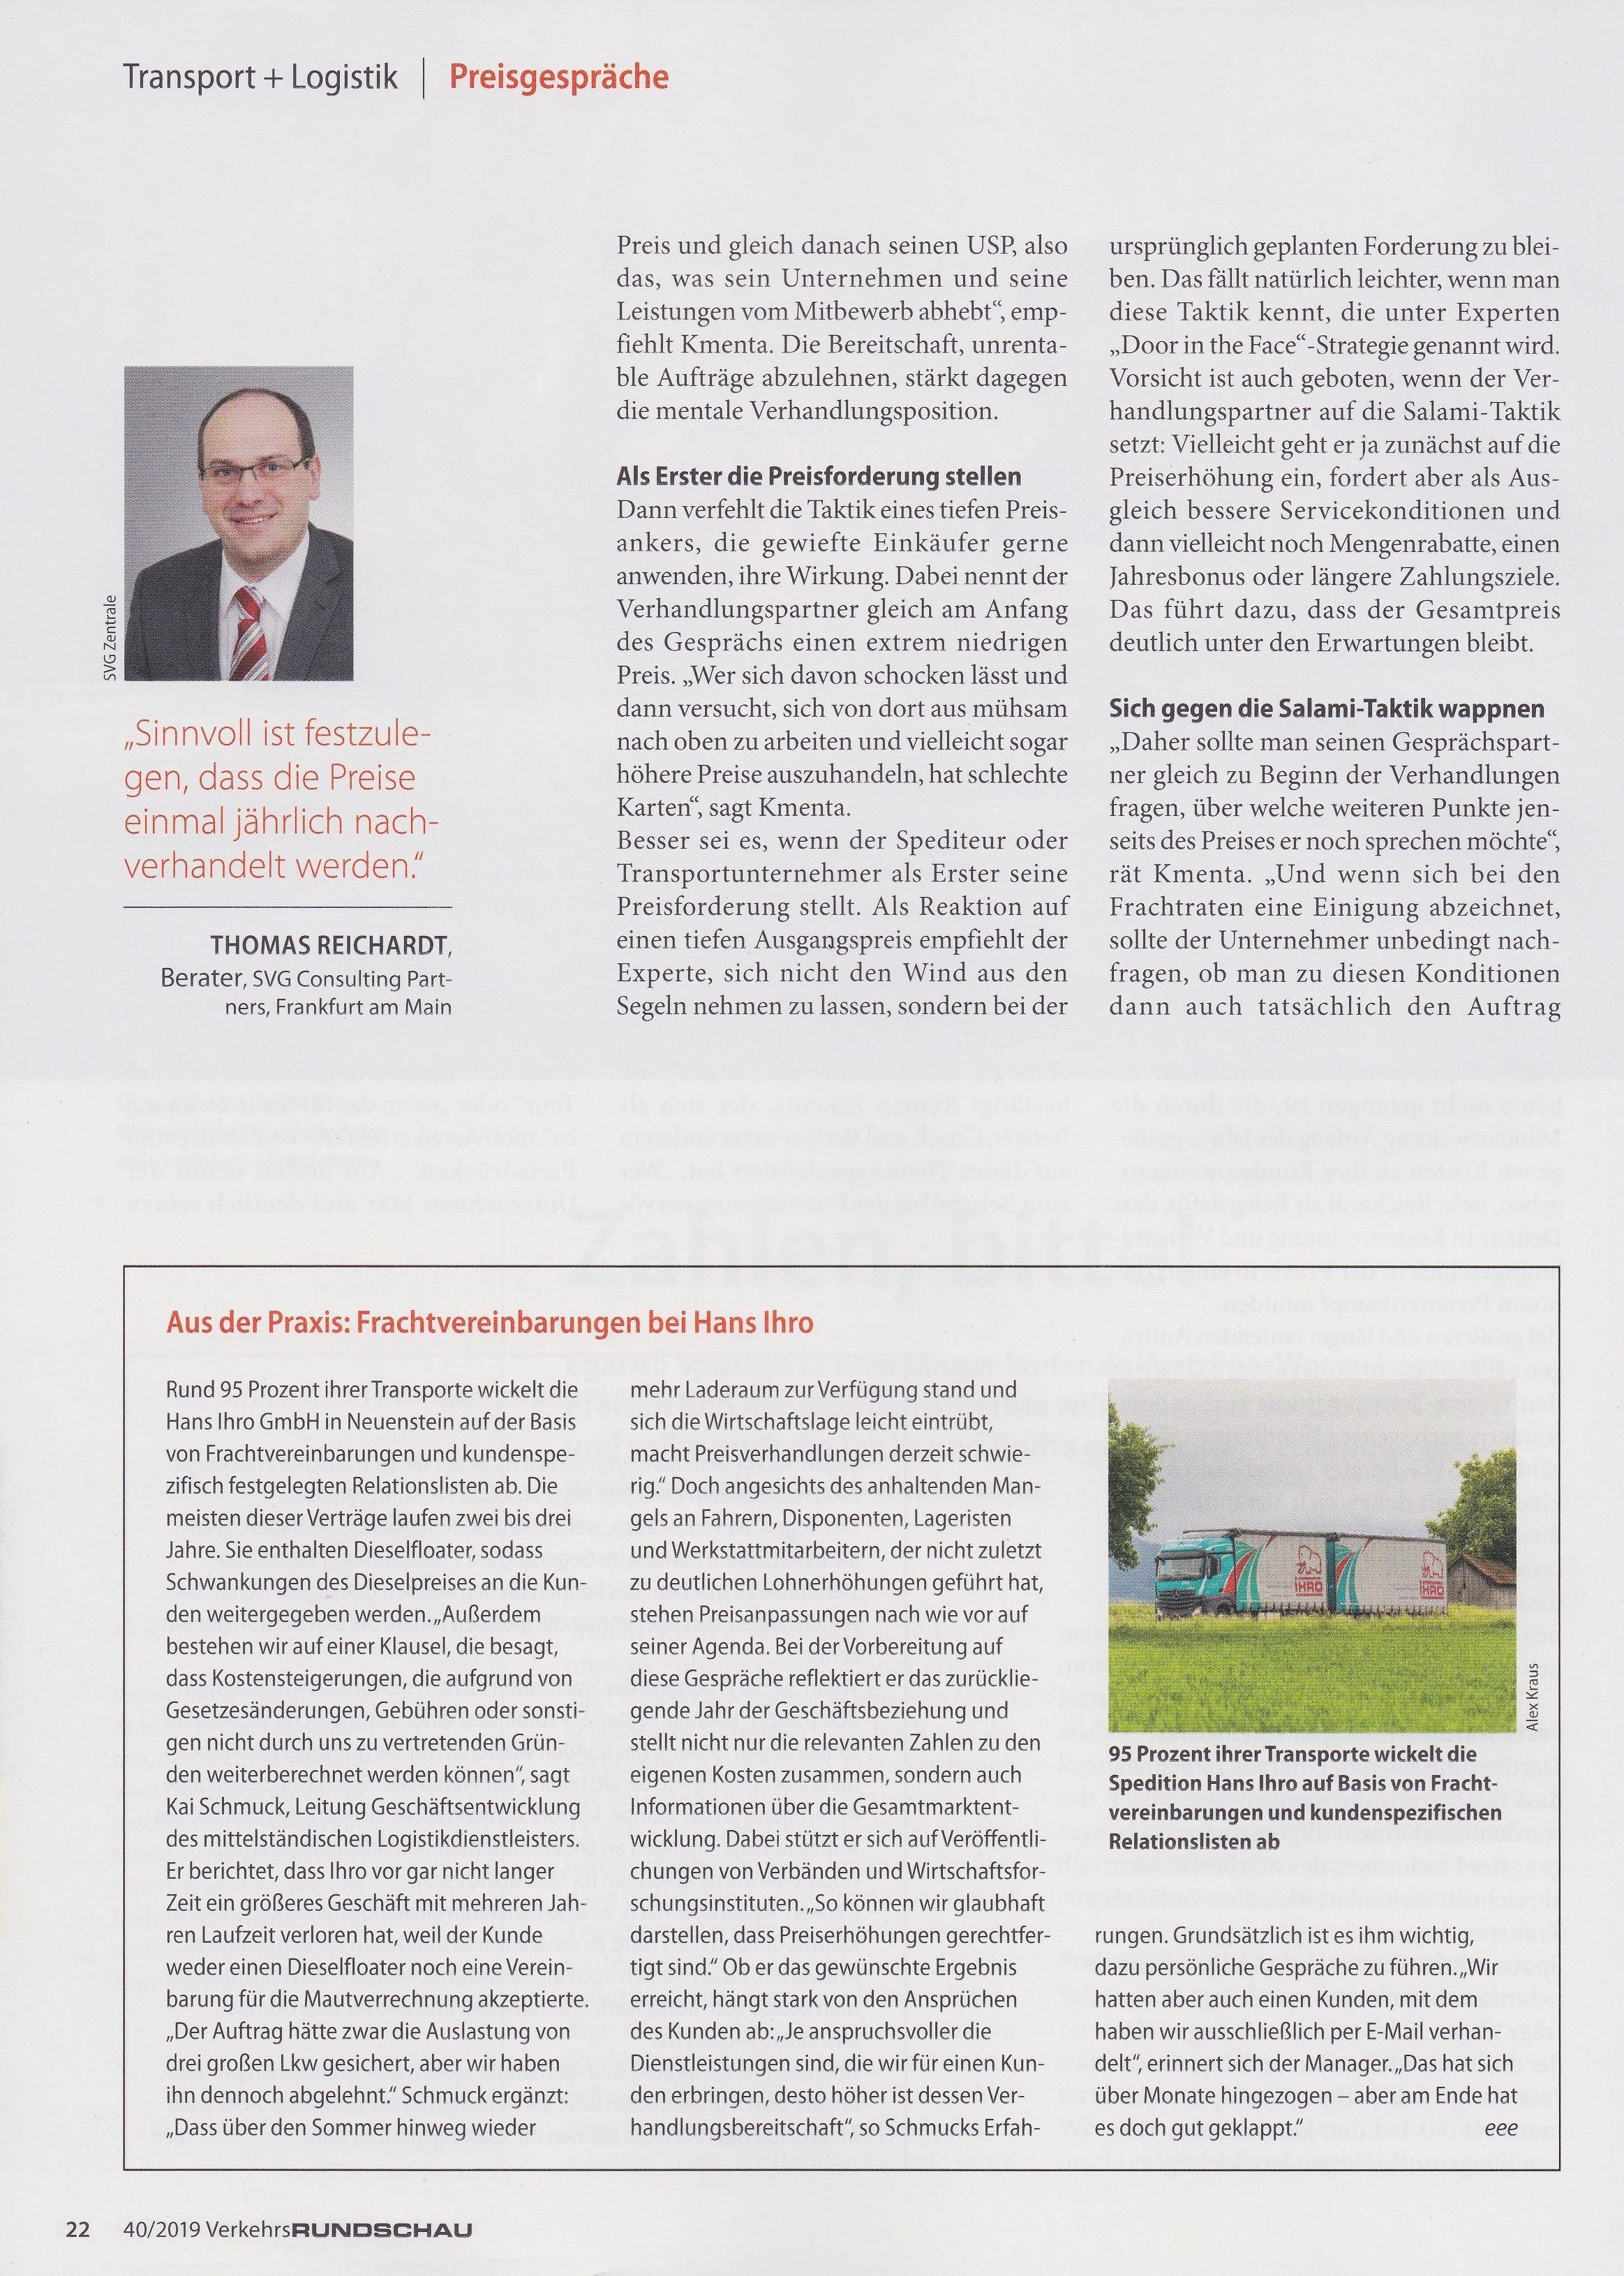 Verkehrsrundschau 40 2019 - 3 - Roman Kmenta - Tipps fürs Preisgespräch